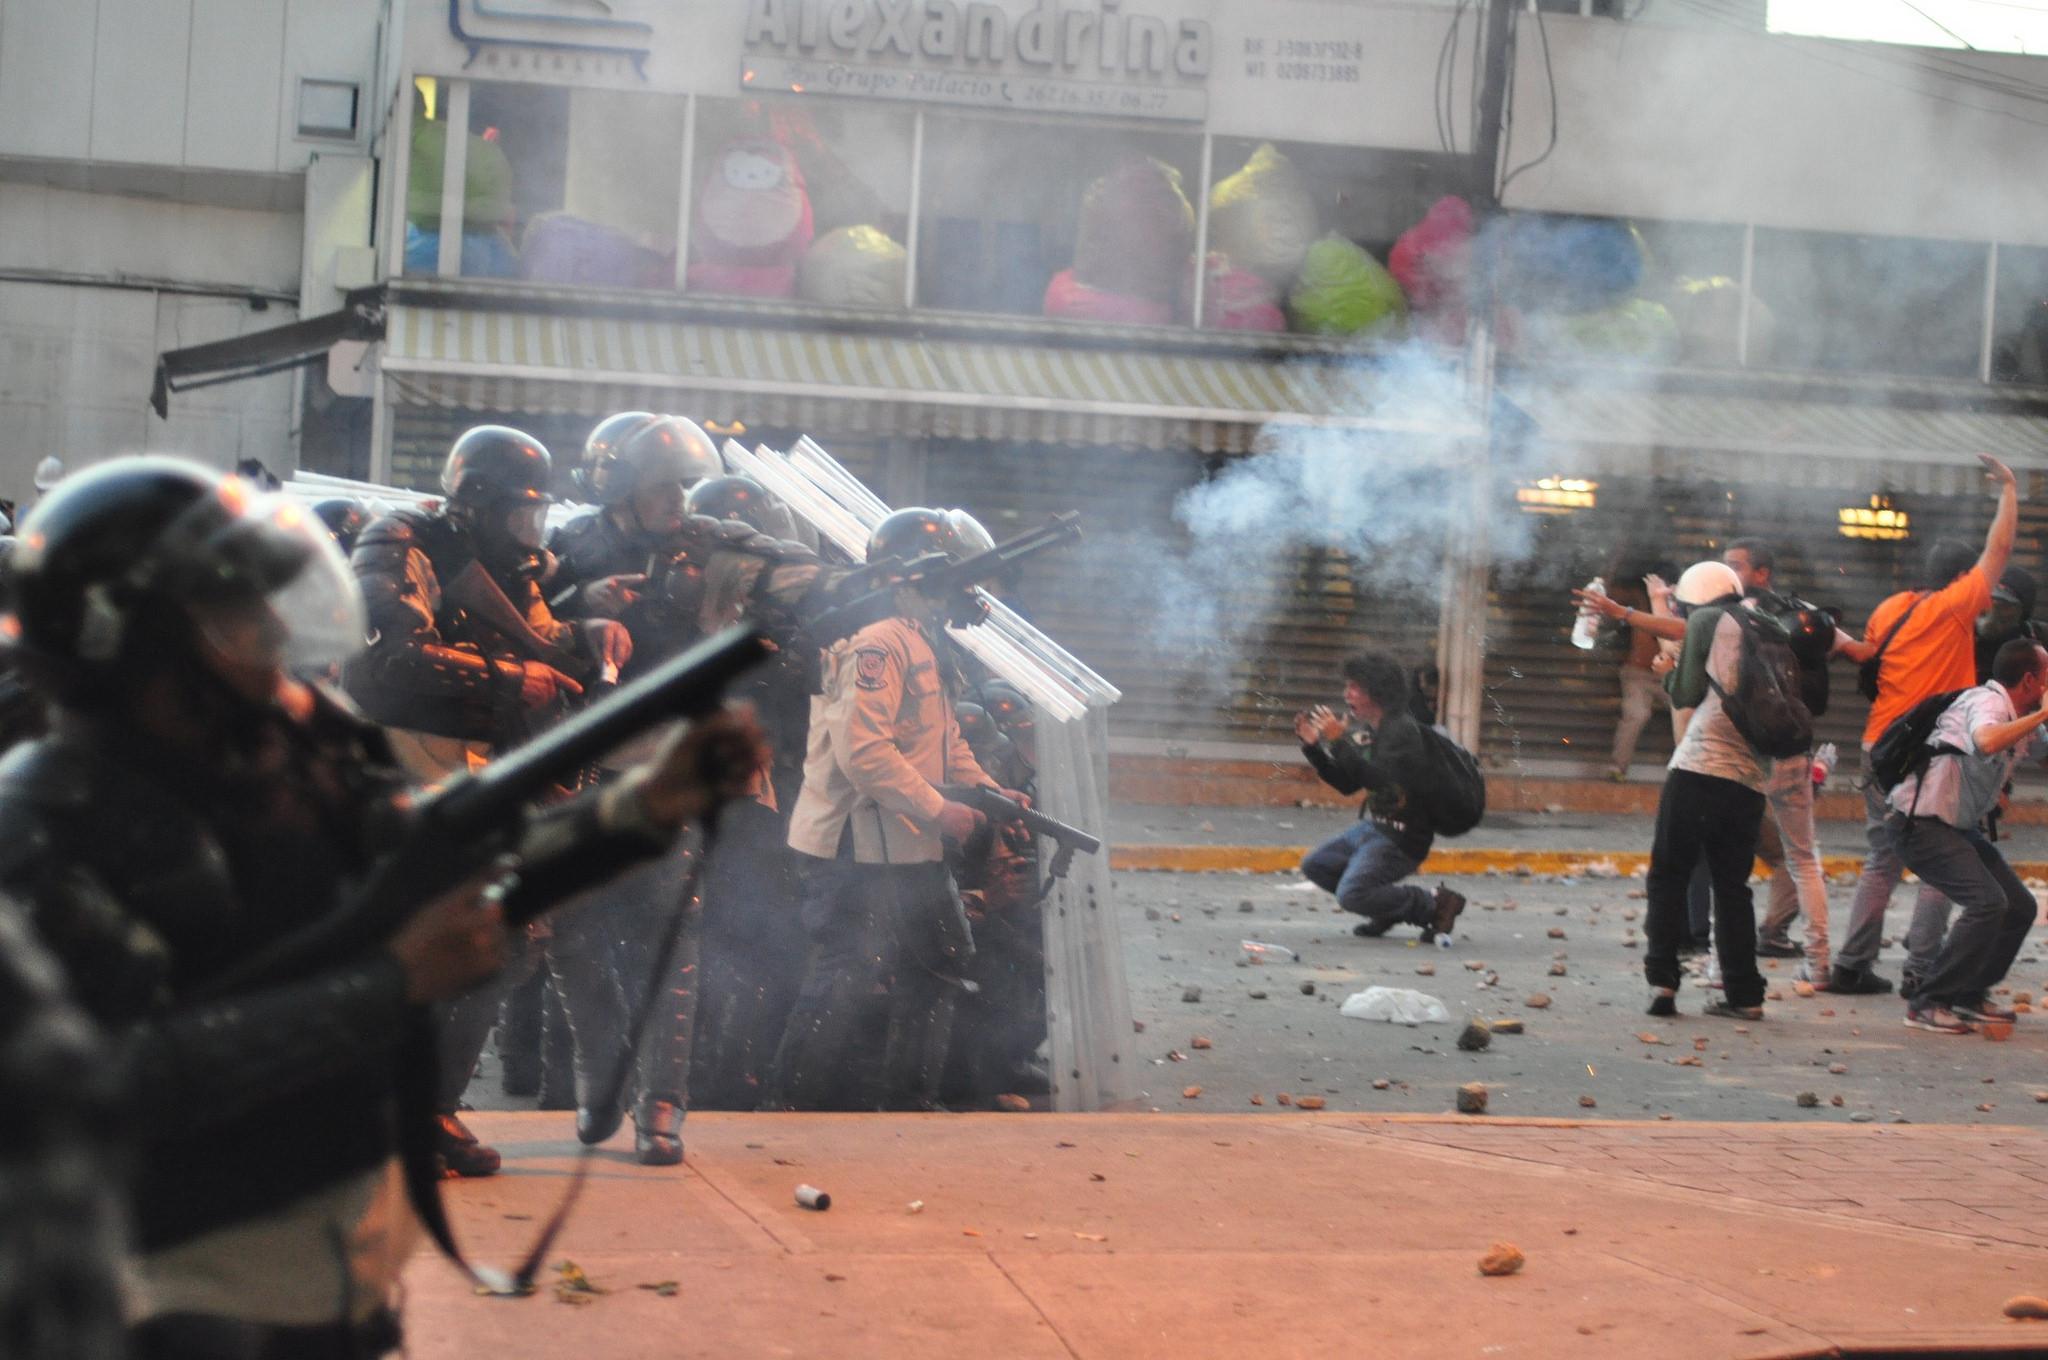 Foto de protesta el 15 de febrero de 2014 en Caracas, Venezuela. Foto de la cuenta de Flick de Andrés E. Azpúrua usada bajo licencia Creative Commons.